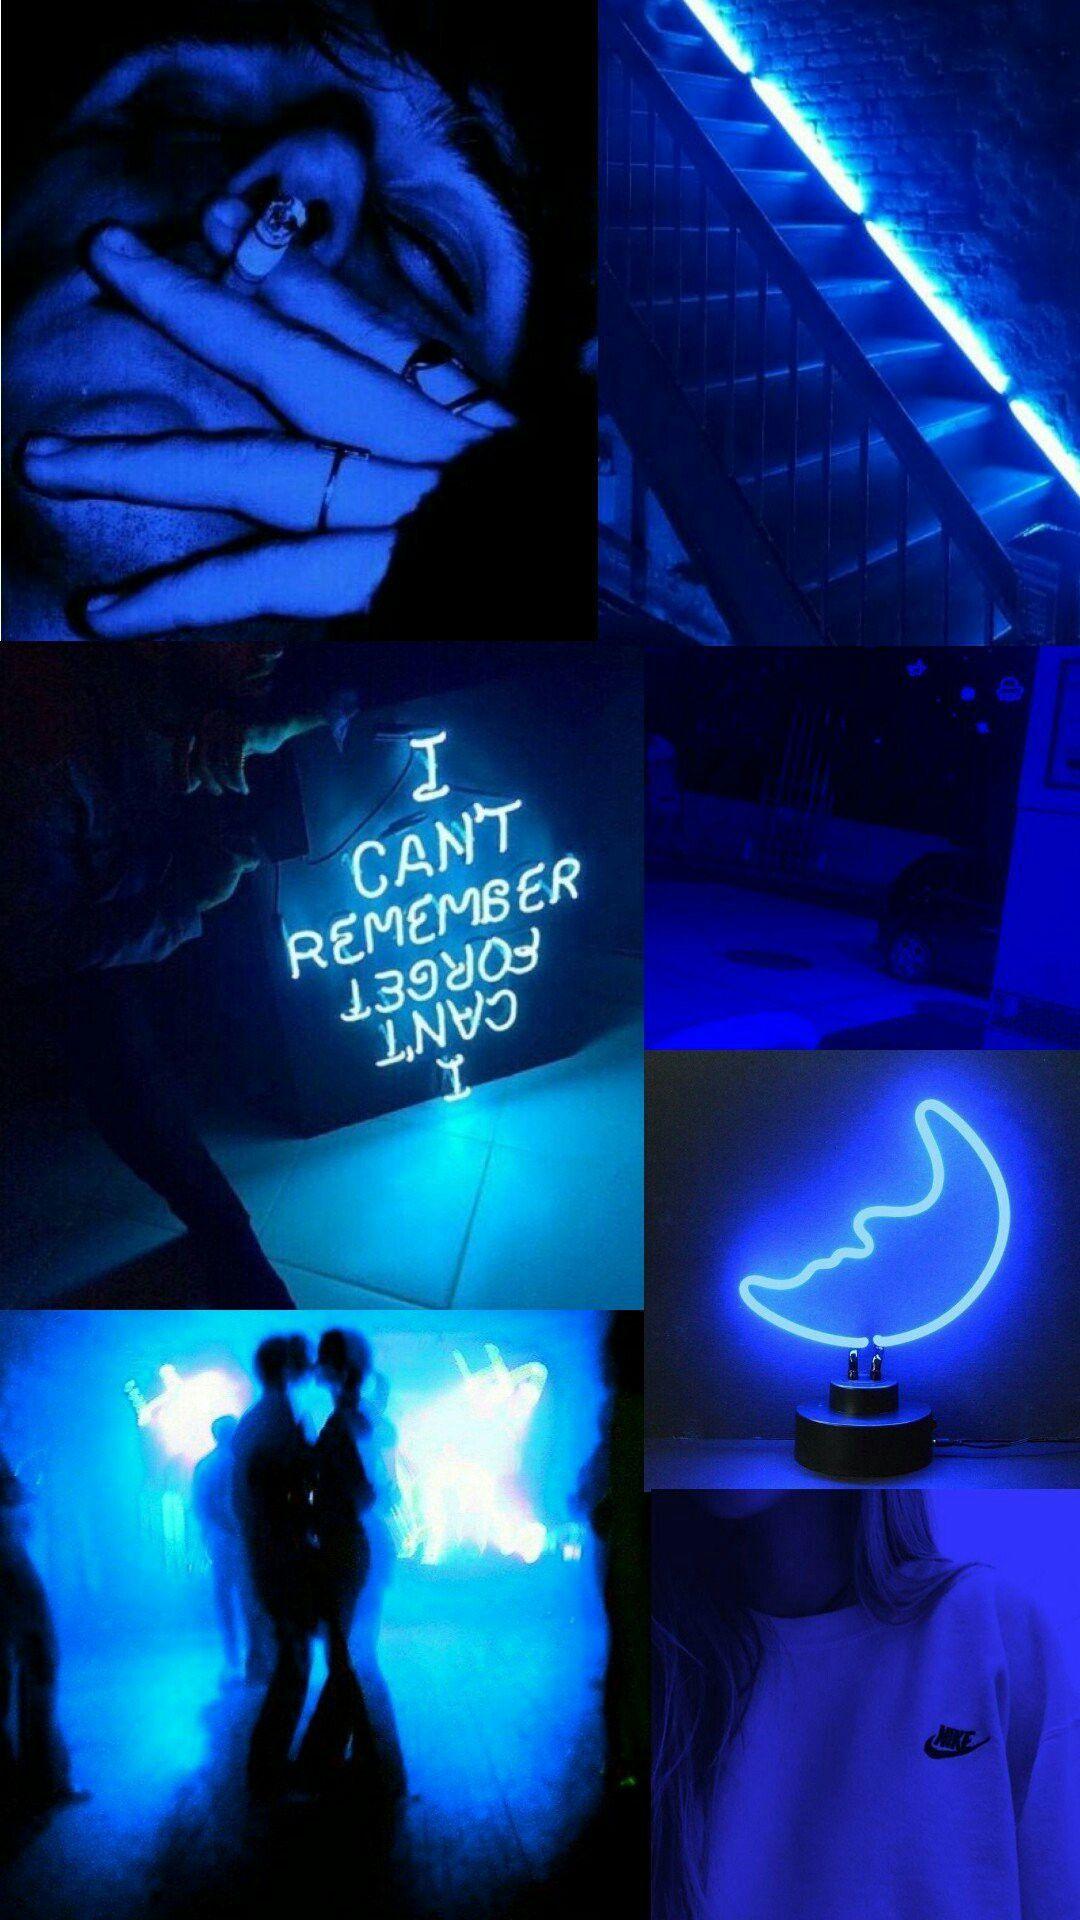 Badass Aesthetic Wallpaper Mobile Blue Aesthetic Tumblr Aesthetic Wallpapers Blue Aesthetic Dark